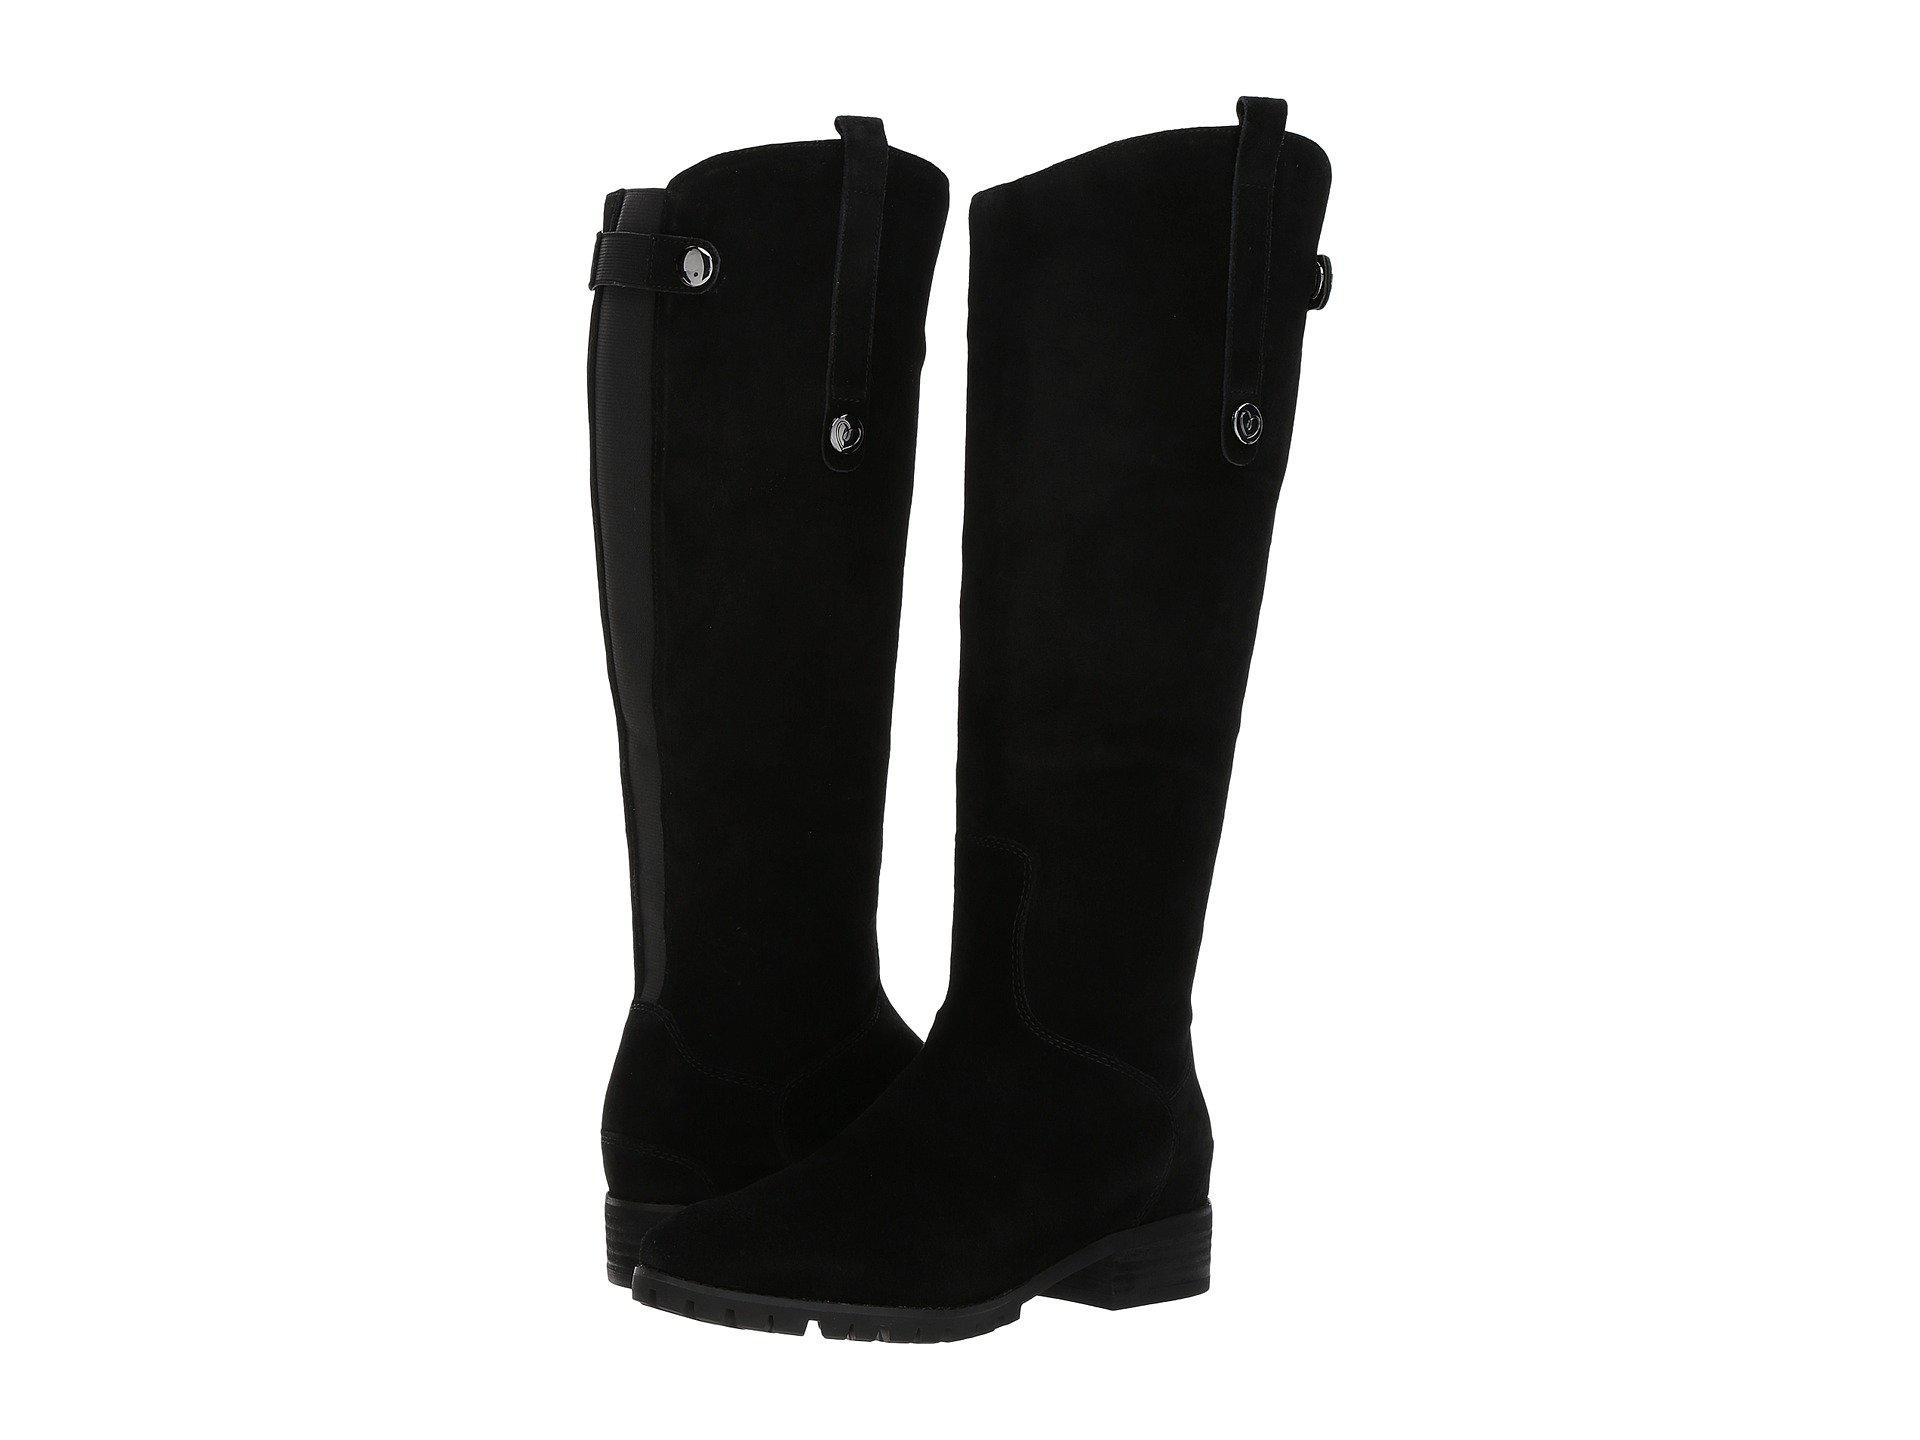 BlondoPakita Waterproof Boot jWPk2